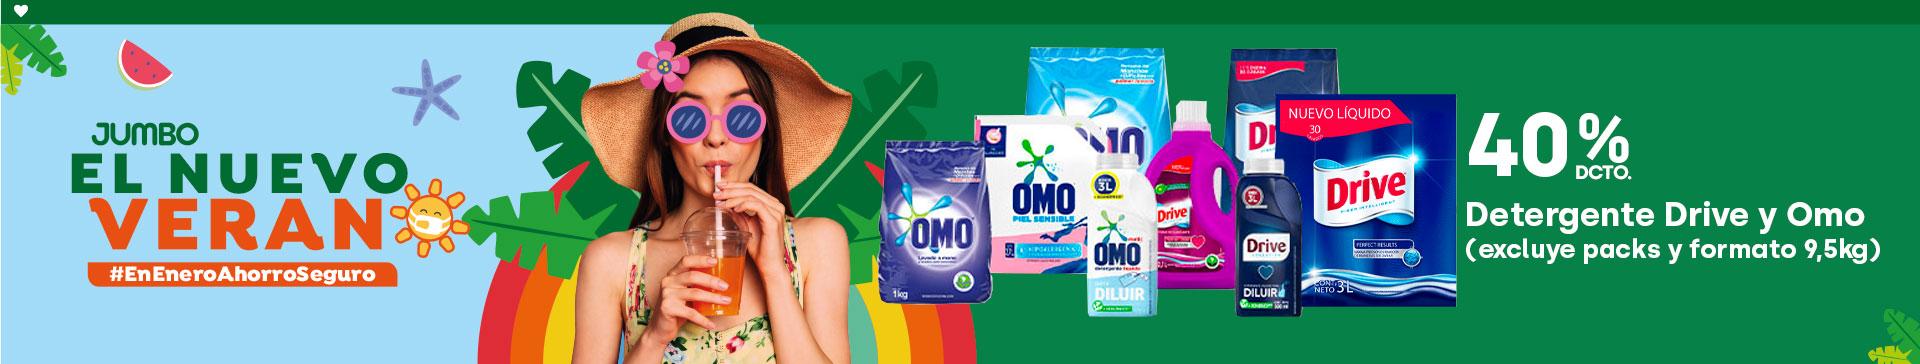 Detergente Drive y Omo (excluye packs y formato 9,5kg) 40% dcto